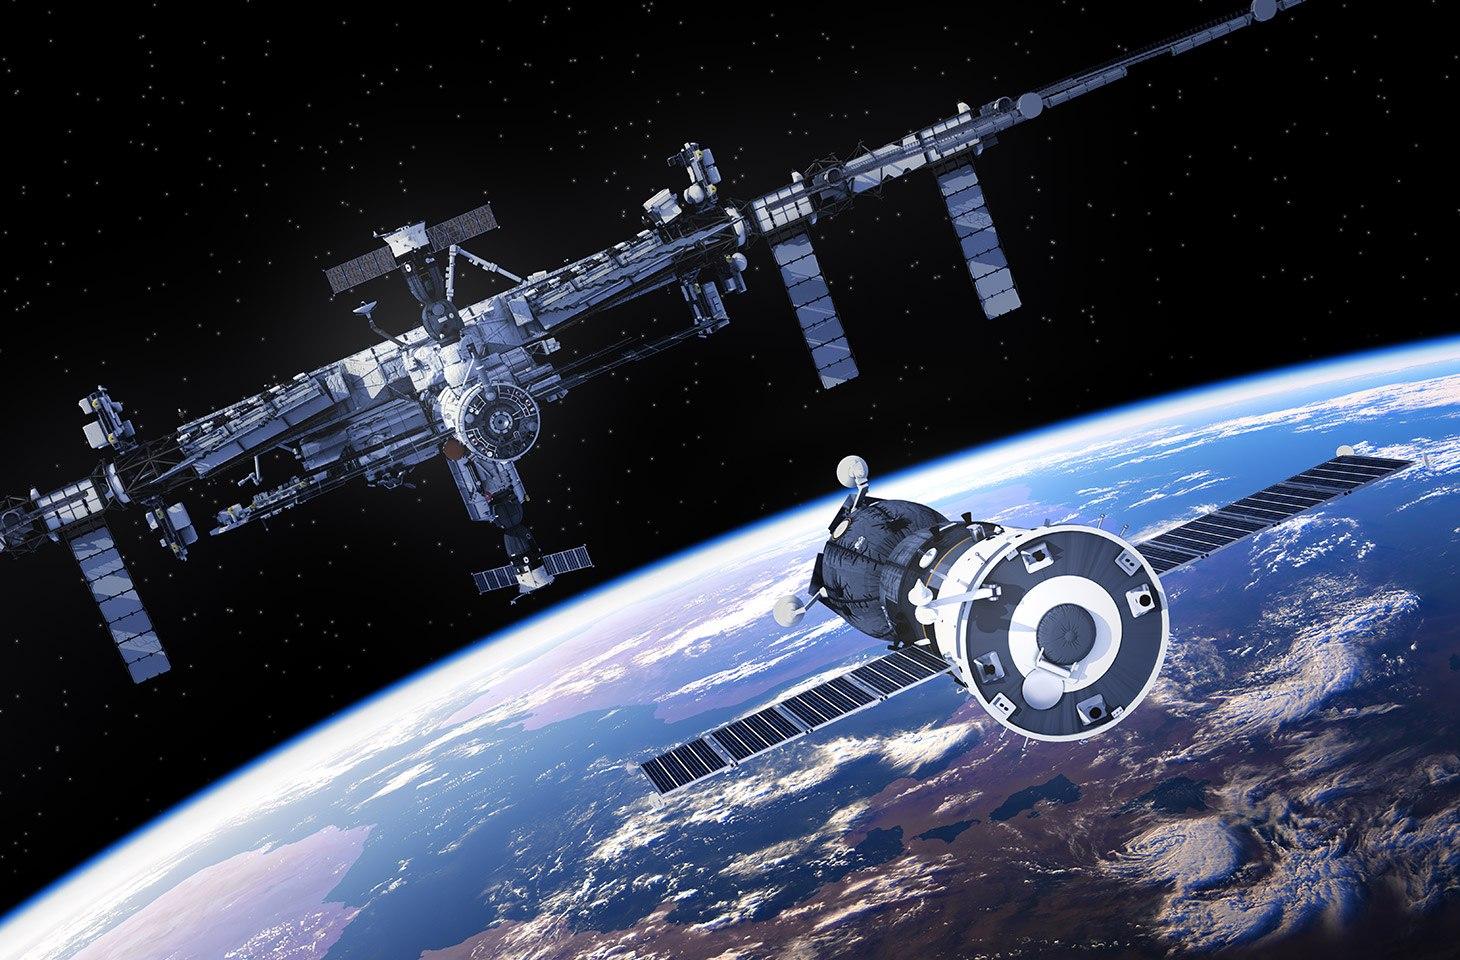 Интернет и криптография в космосе 2